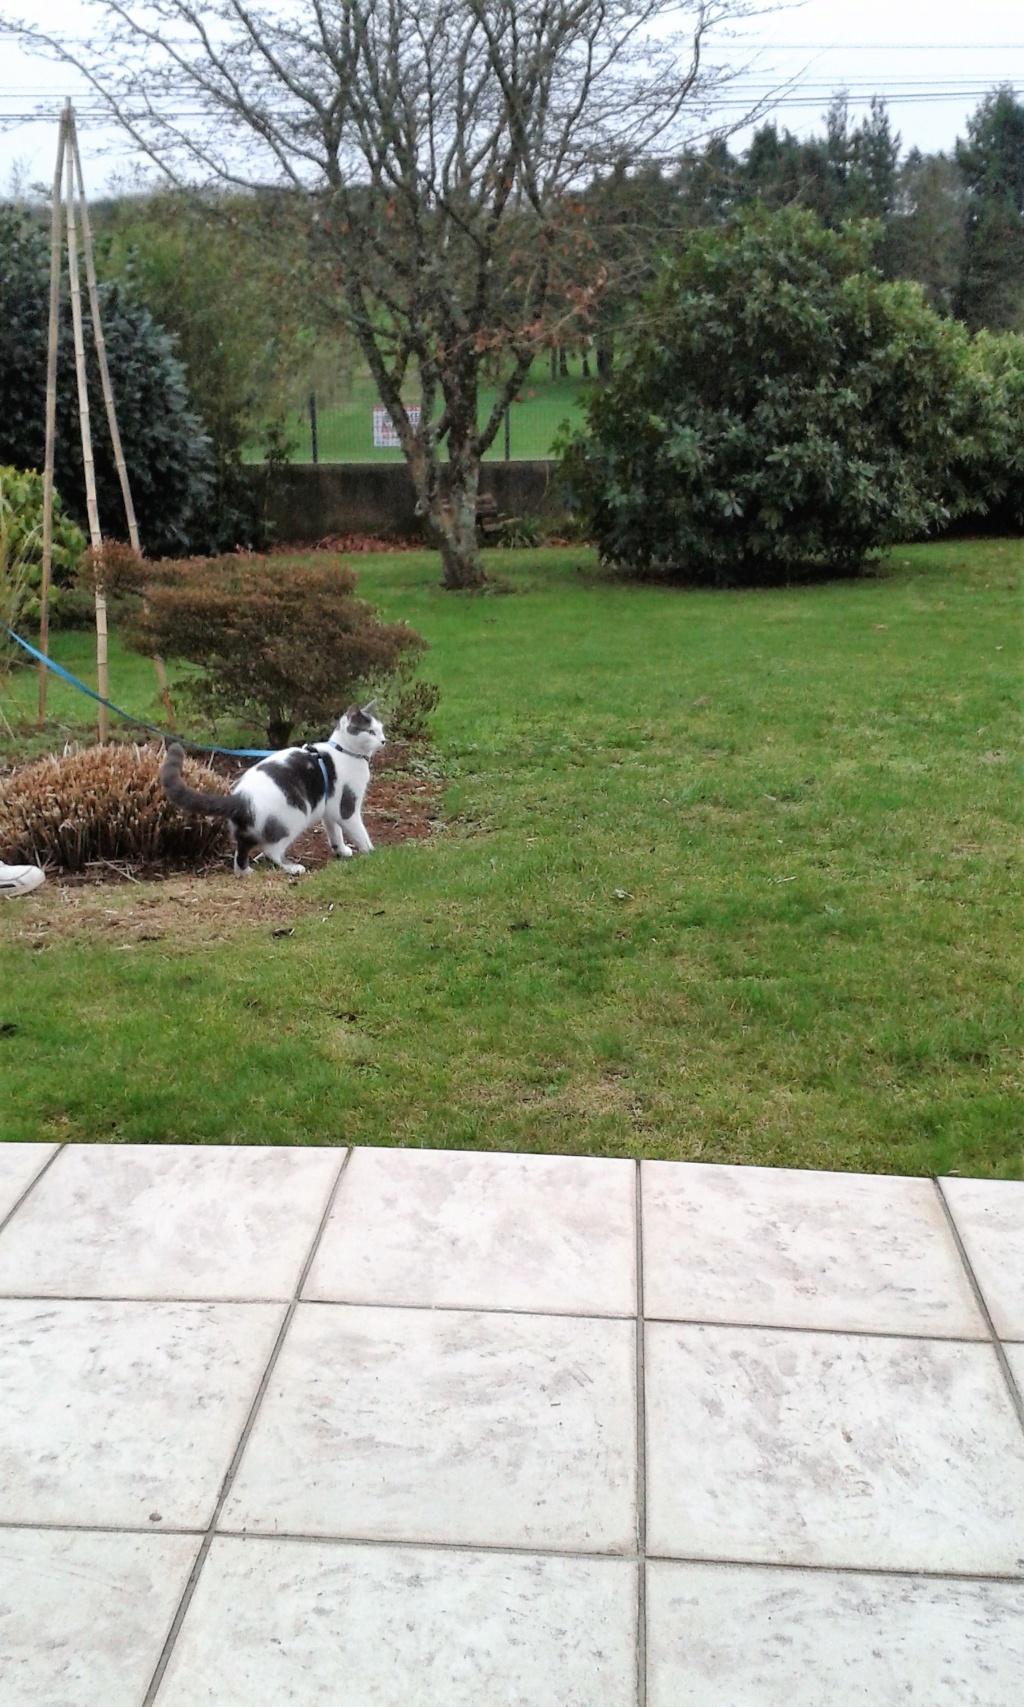 nolo - NOLO, chaton européen gris & blanc, né le 15/08/17 02610